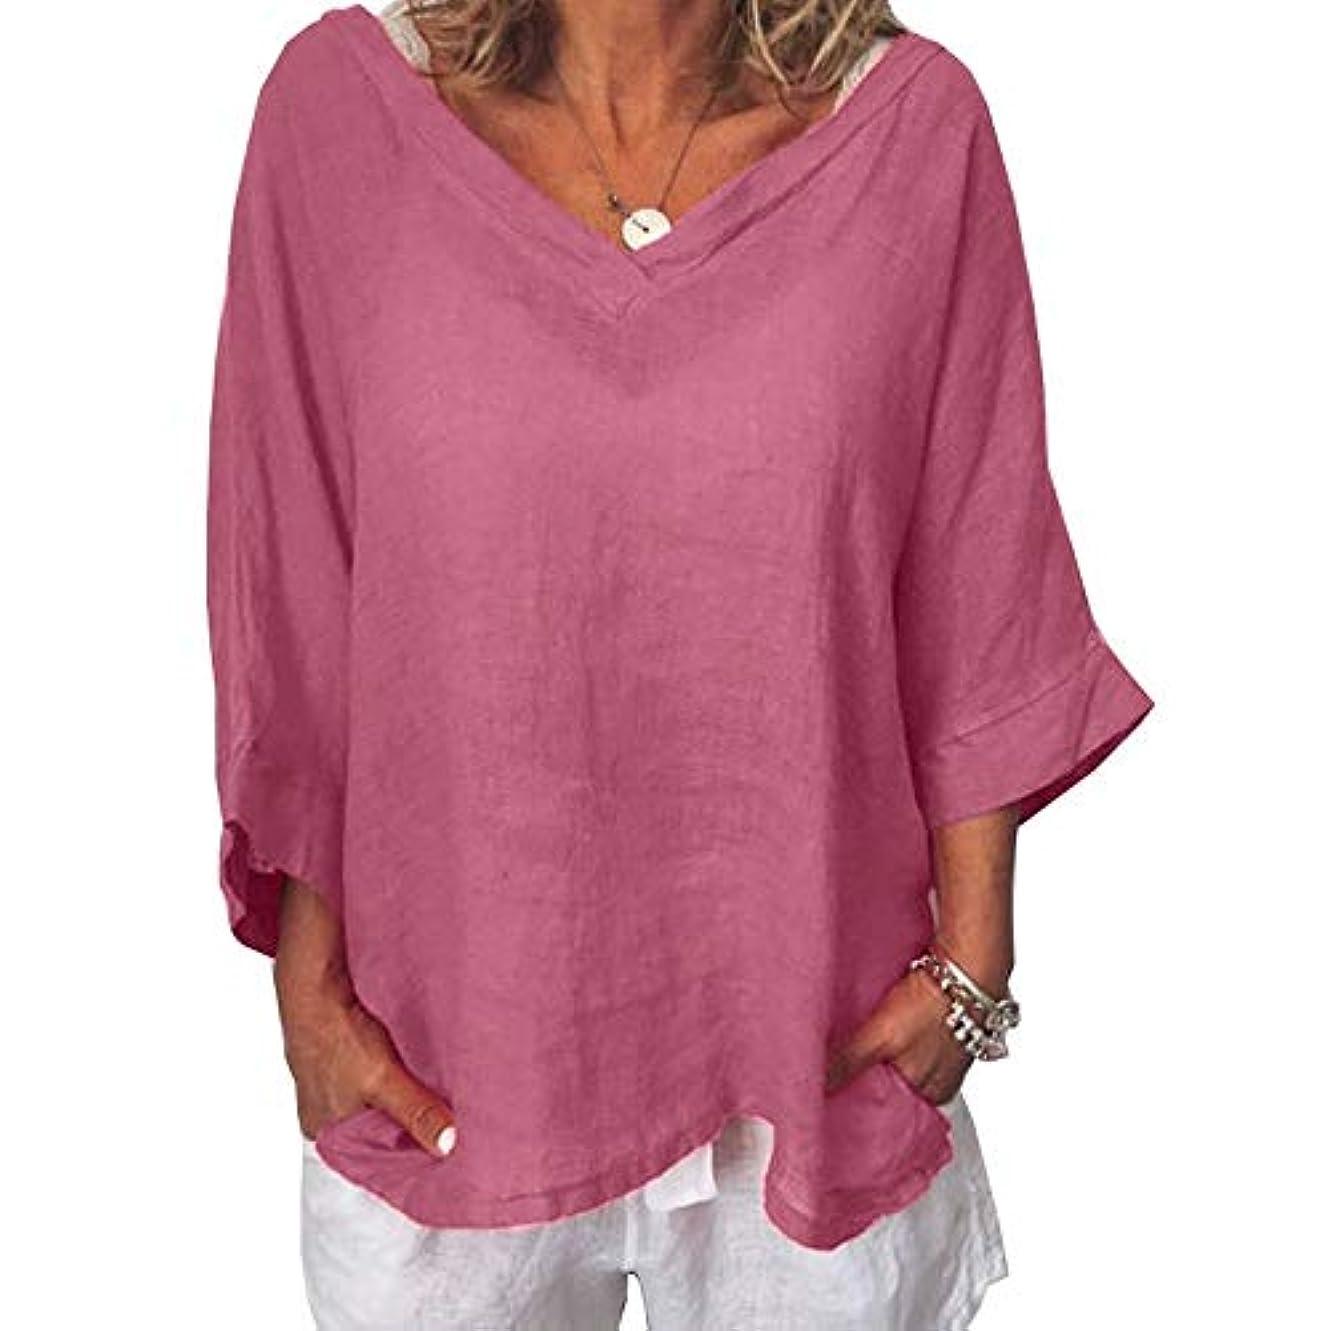 拍手する複製する老朽化したMIFAN女性ファッションカジュアルVネックトップス無地長袖Tシャツルーズボヘミアンビーチウェア